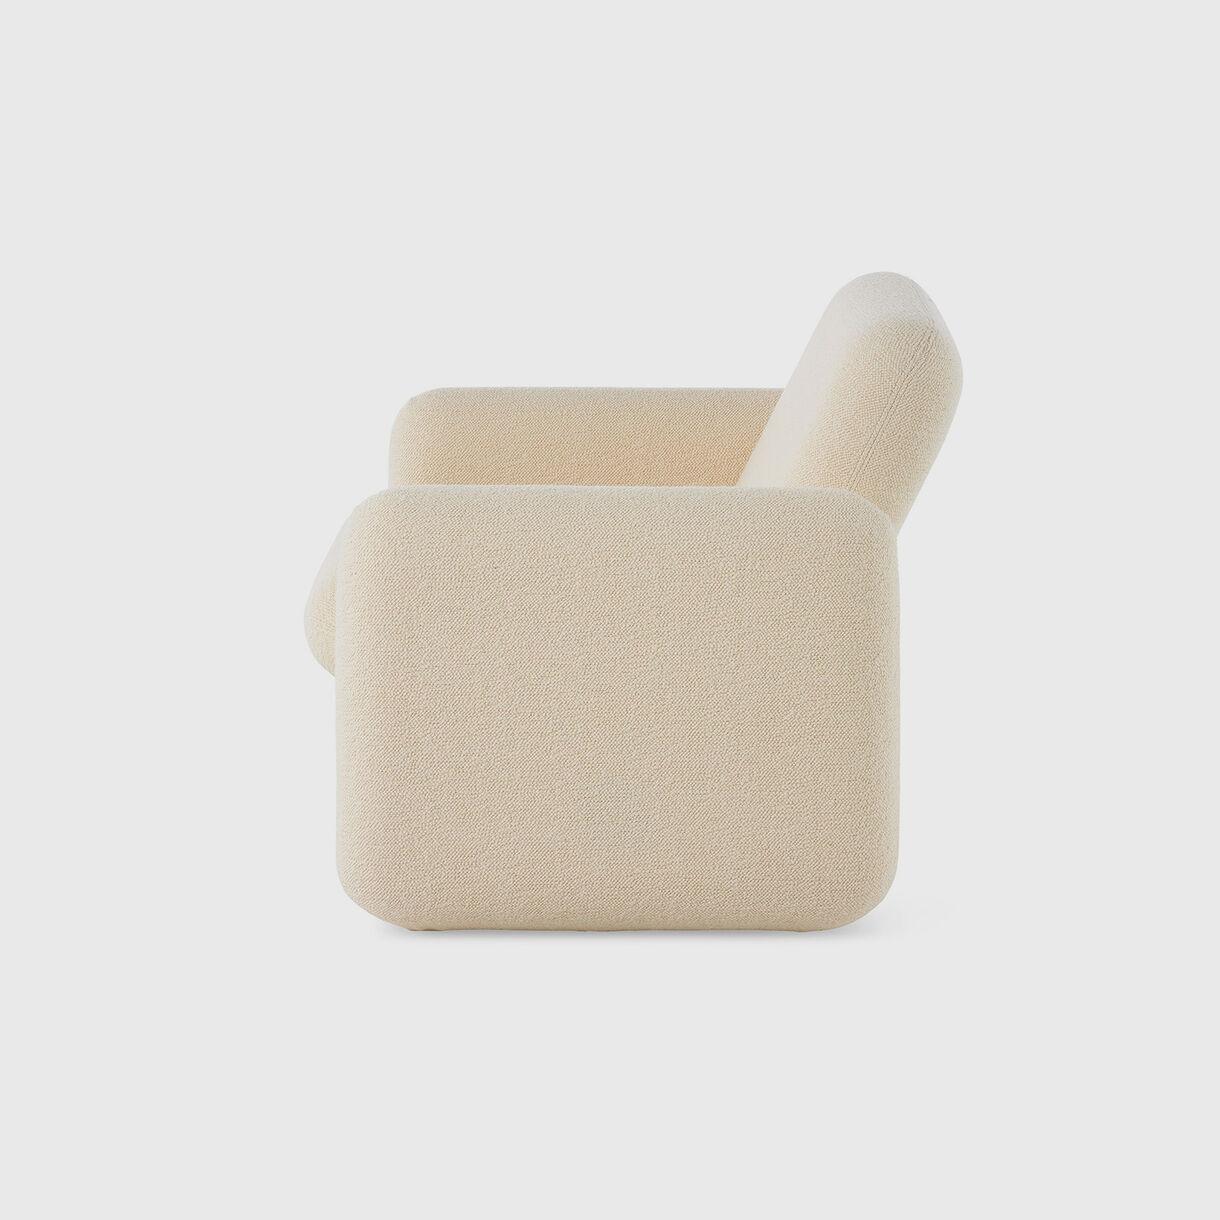 Wilkes Modular Sofa Group, Armchair